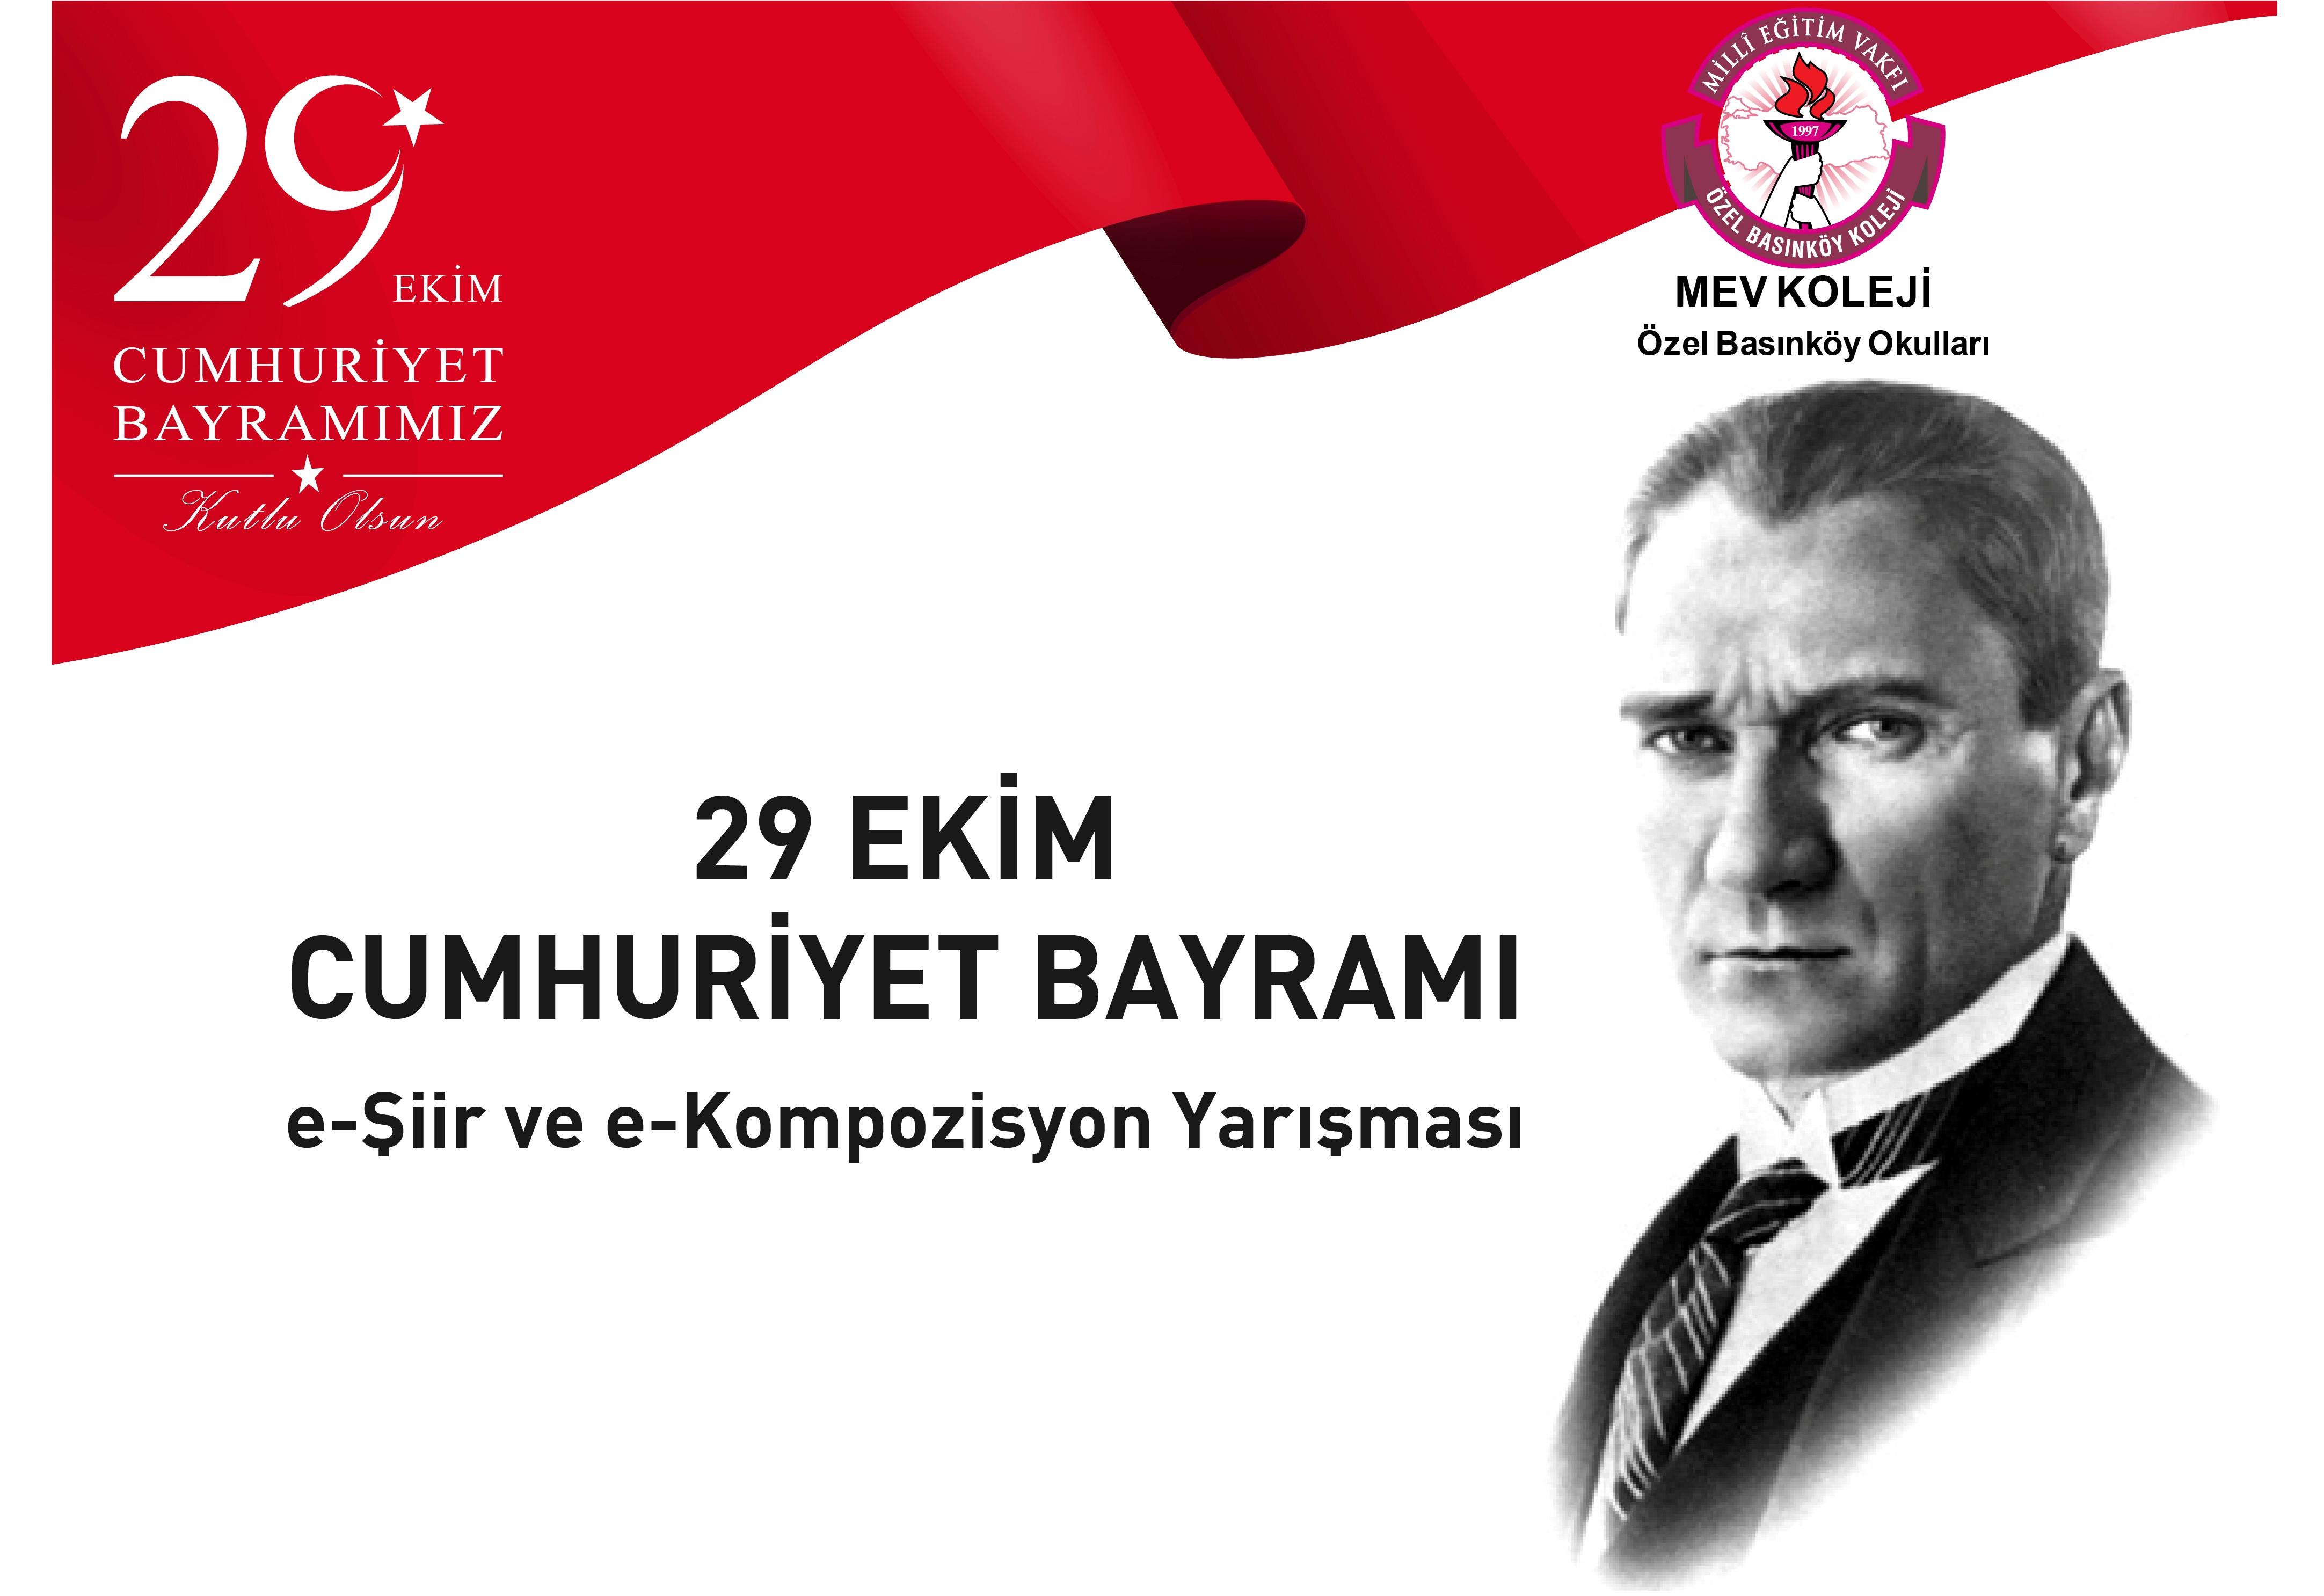 29 Ekim Cumhuriyet Bayramı e-Şiir ve e-Kompozisyon Yarışmaları